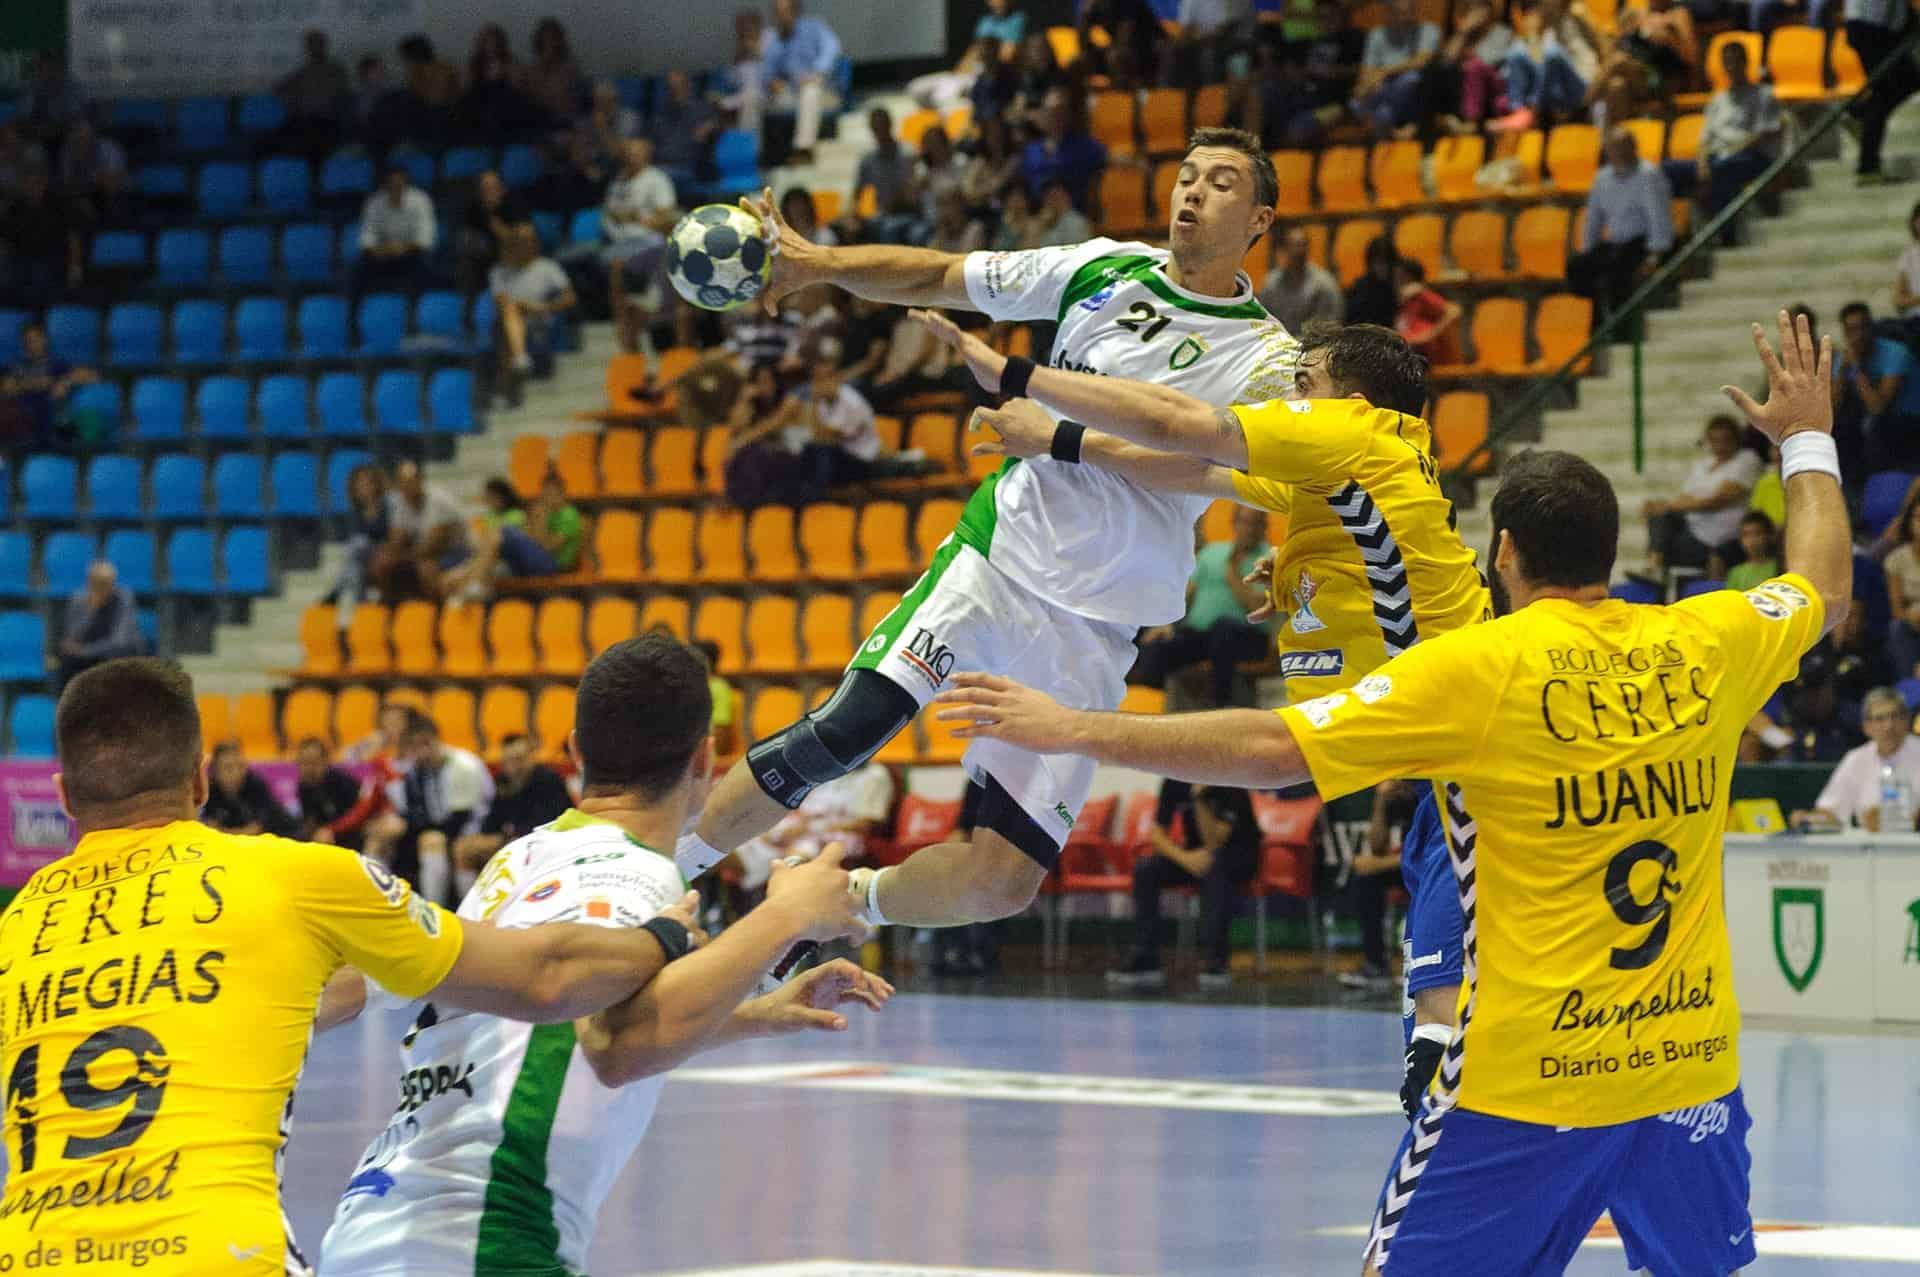 Handballsocken: Test & Empfehlungen (01/20)